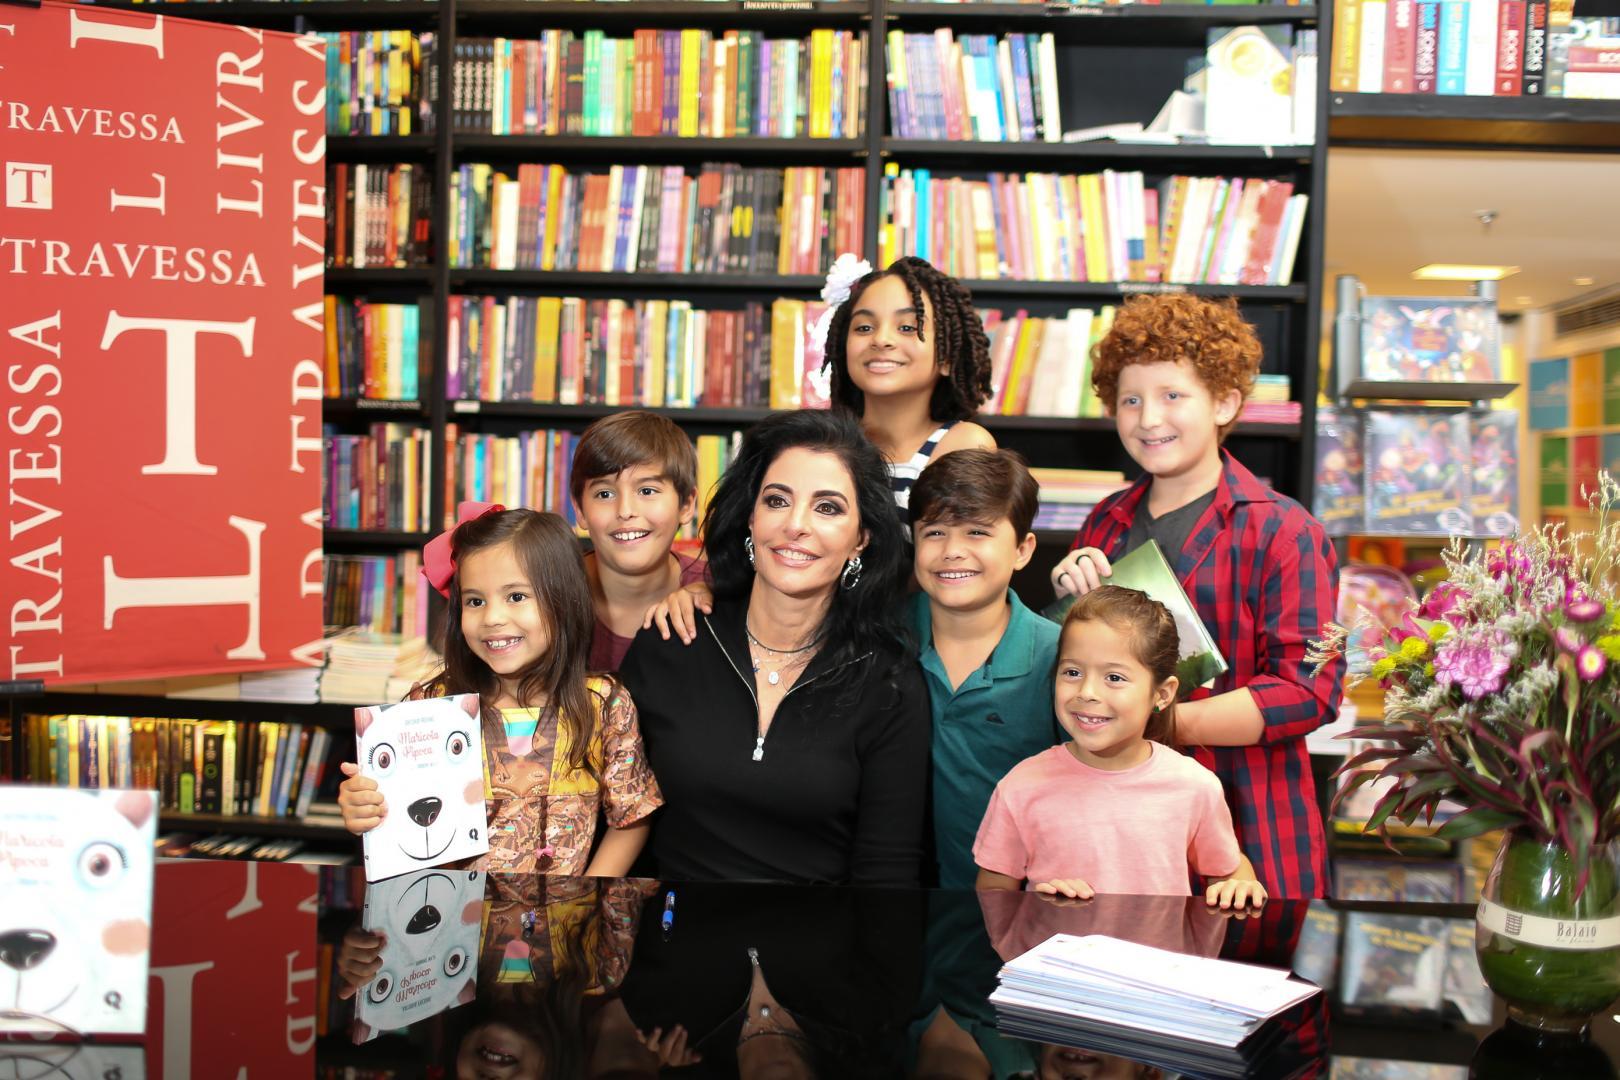 Lançamento dos livros de Antonia Frering agita a Livraria da Travessa, no Shopping Leblon